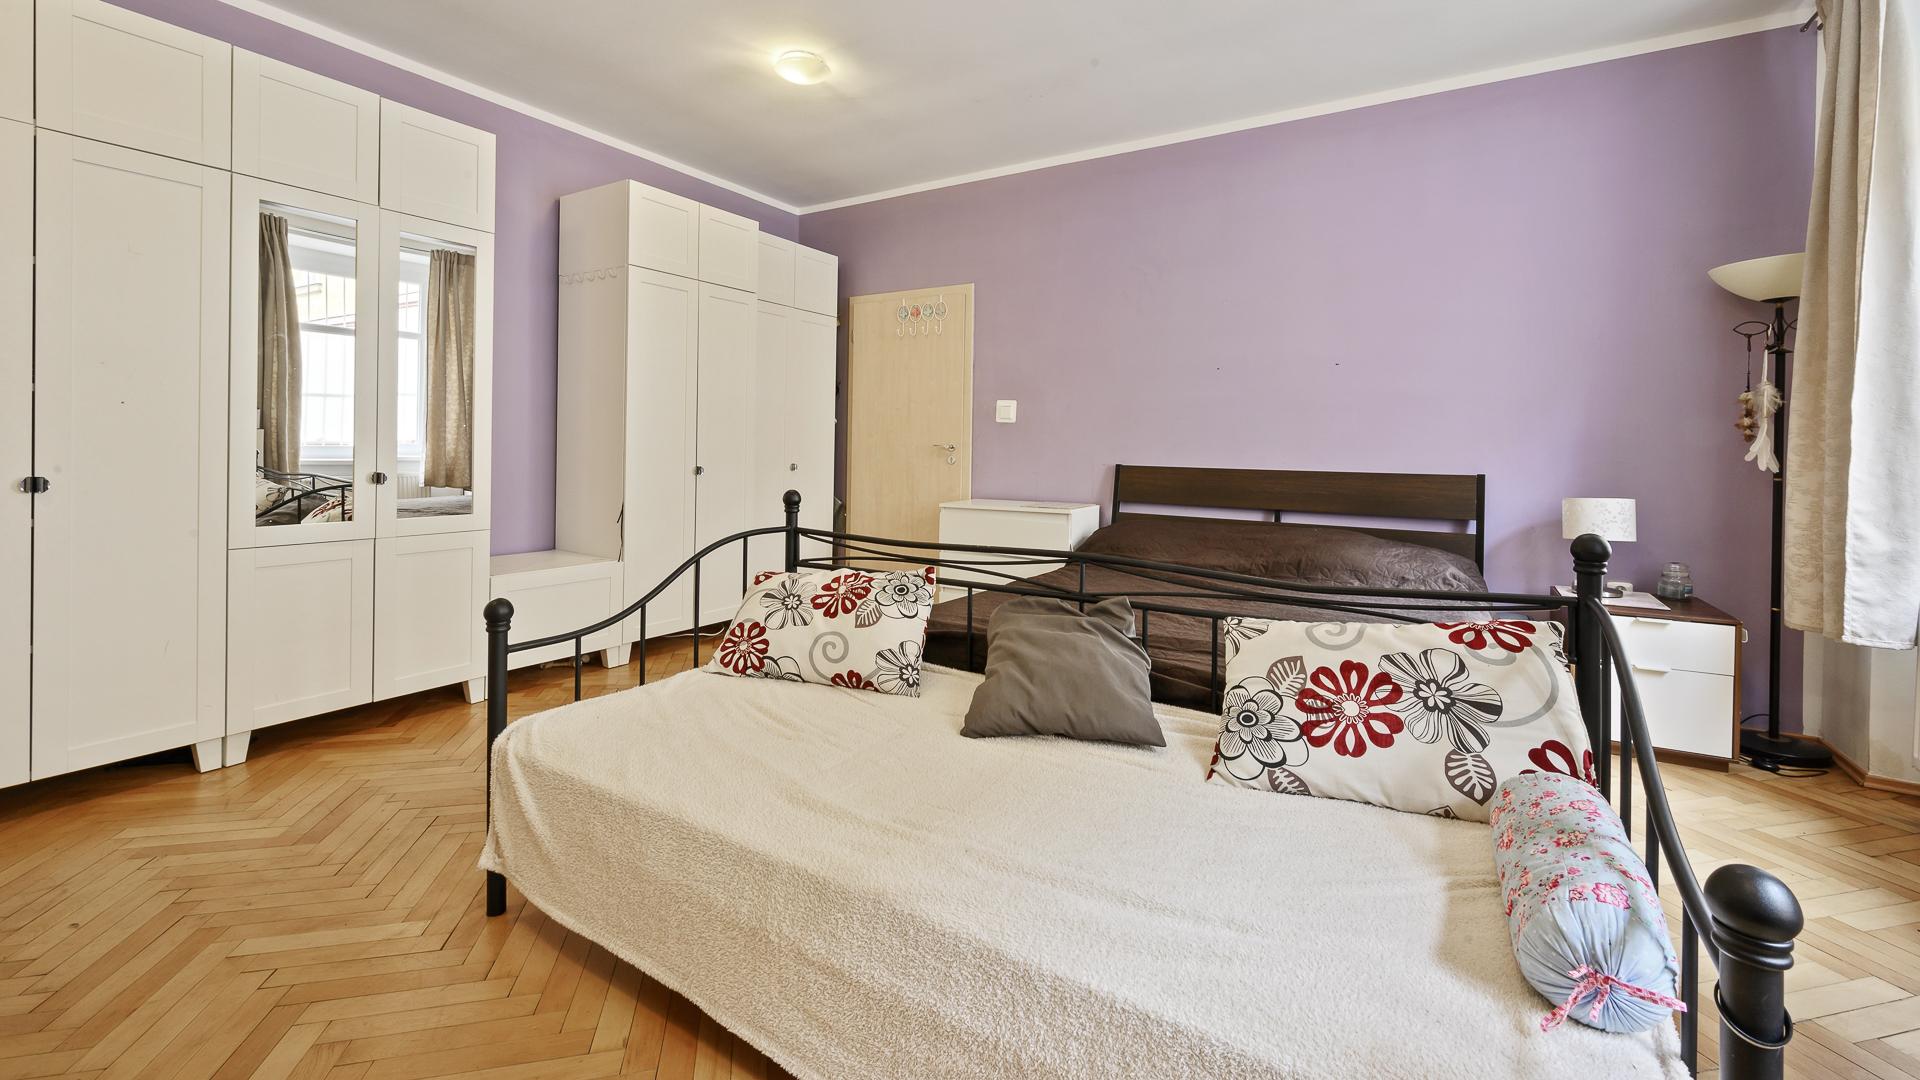 3 izbový byt na Vajanského nabréží